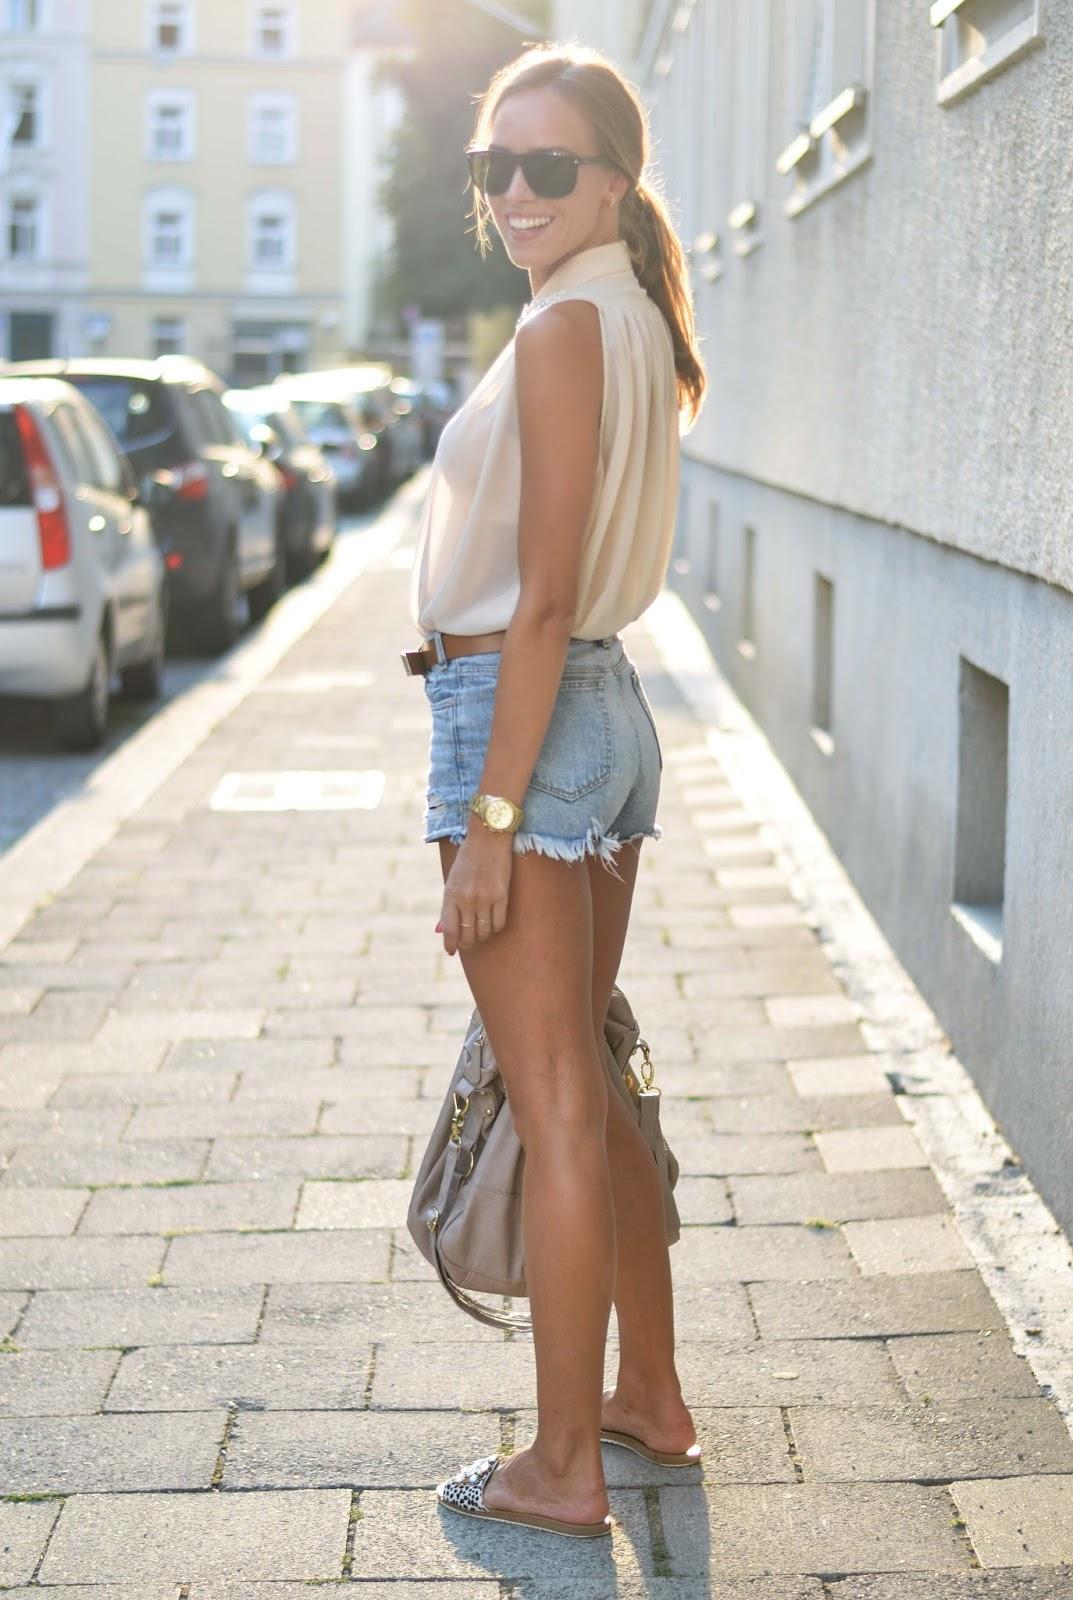 kristjaana mere denim shorts sleeveless top flat sandals summer outfit idea